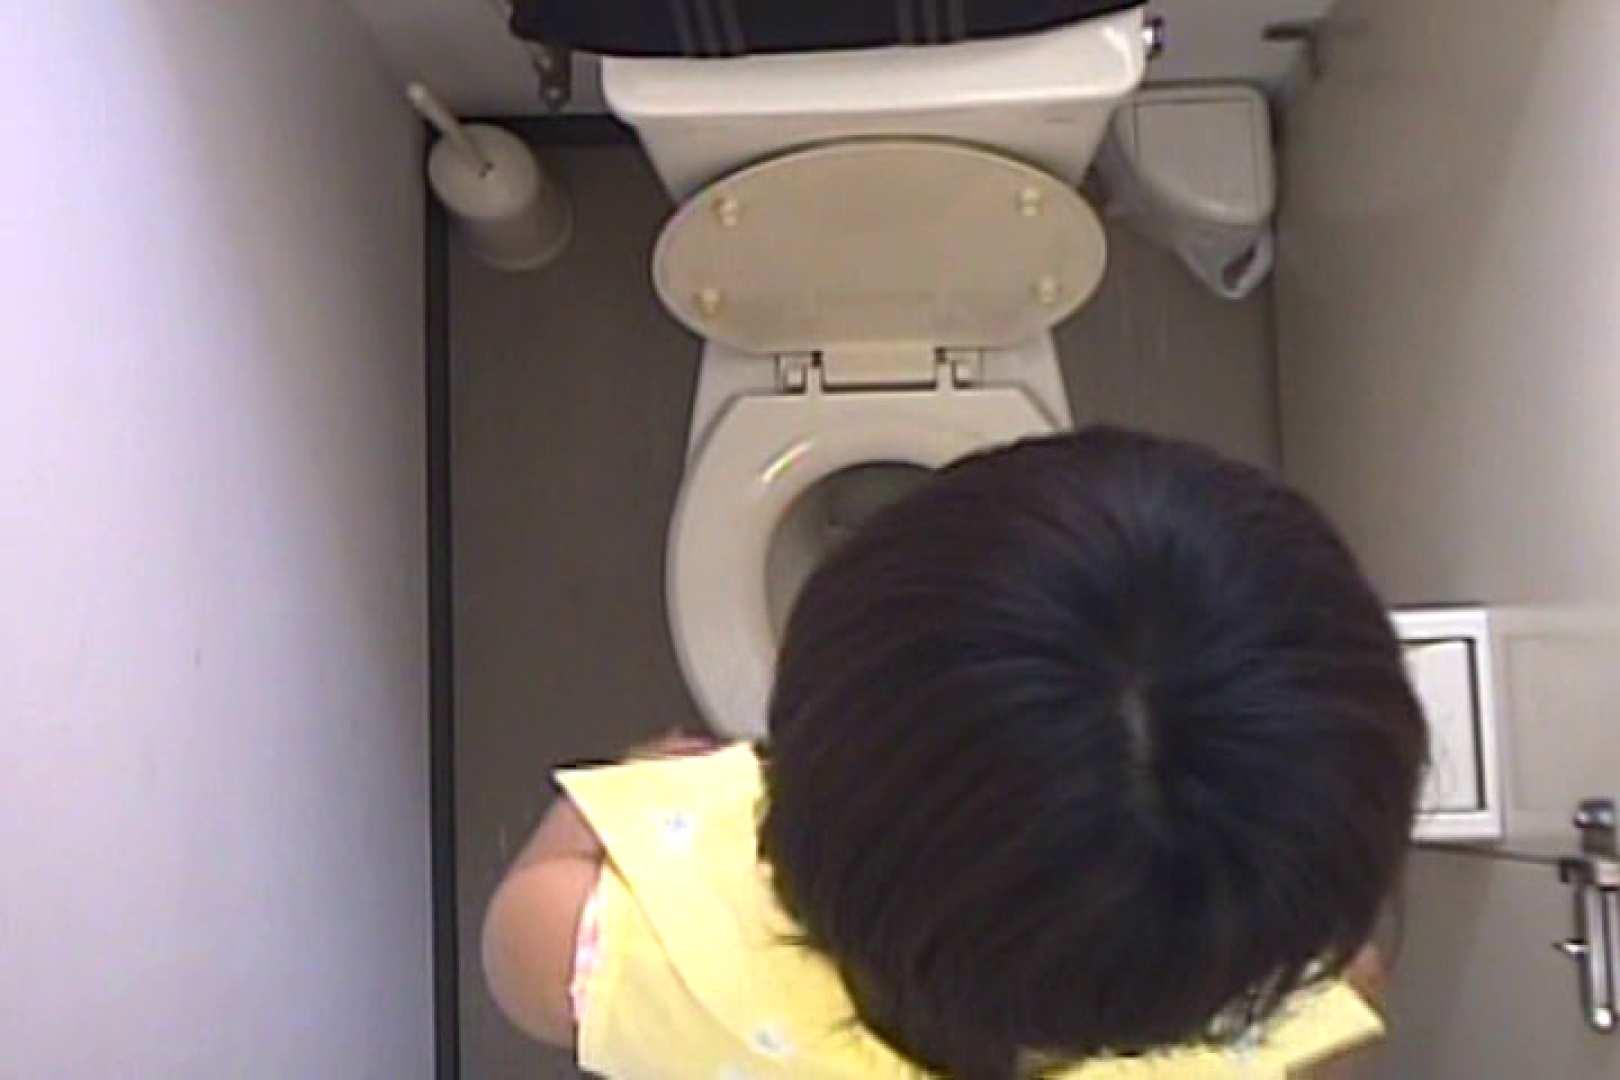 雑居ビル洗面所オナニーVol.6 お姉さんの女体 | 可愛いパイパン  33pic 31